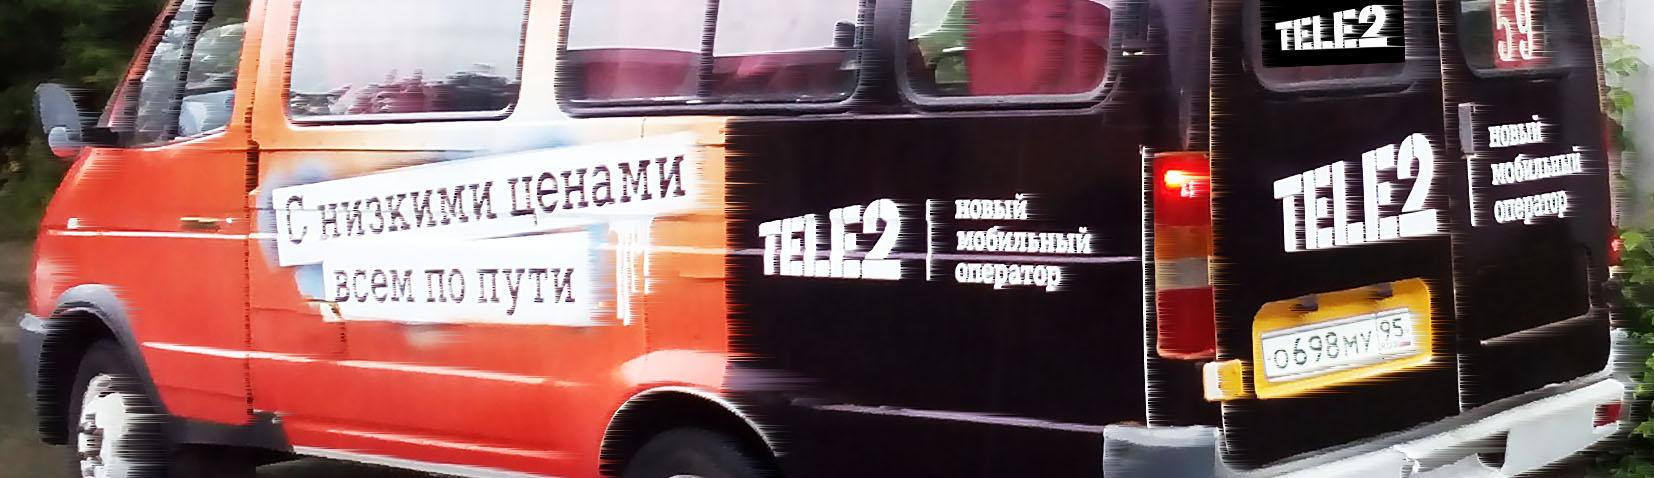 Размещение рекламы на транспорте Чечня